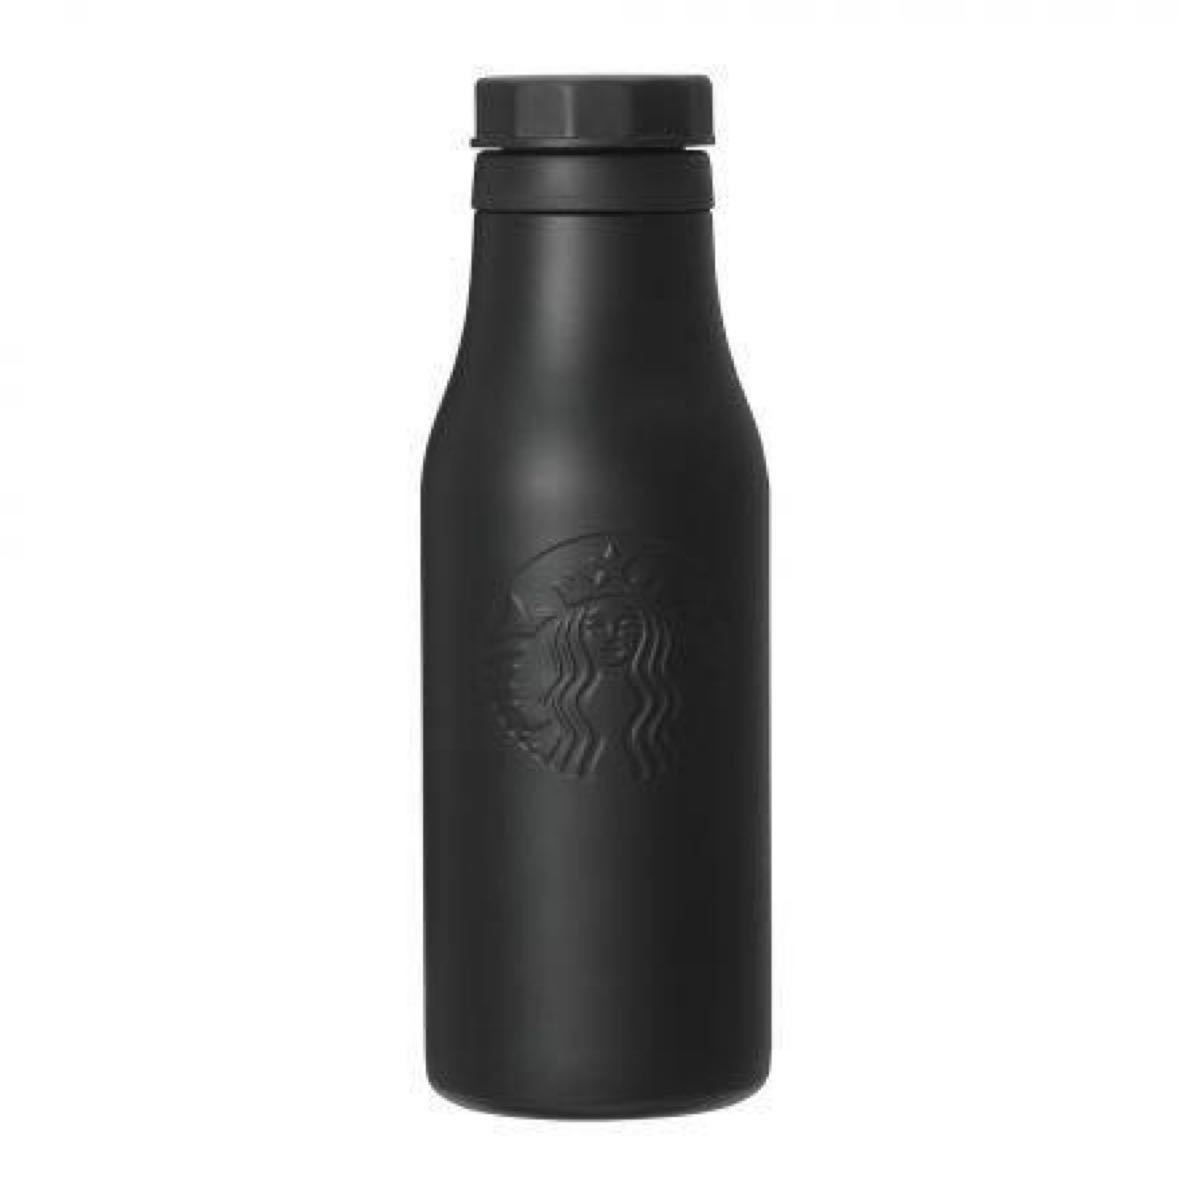 ステンレスロゴボトル マットブラック473ml スターバックス スタバ